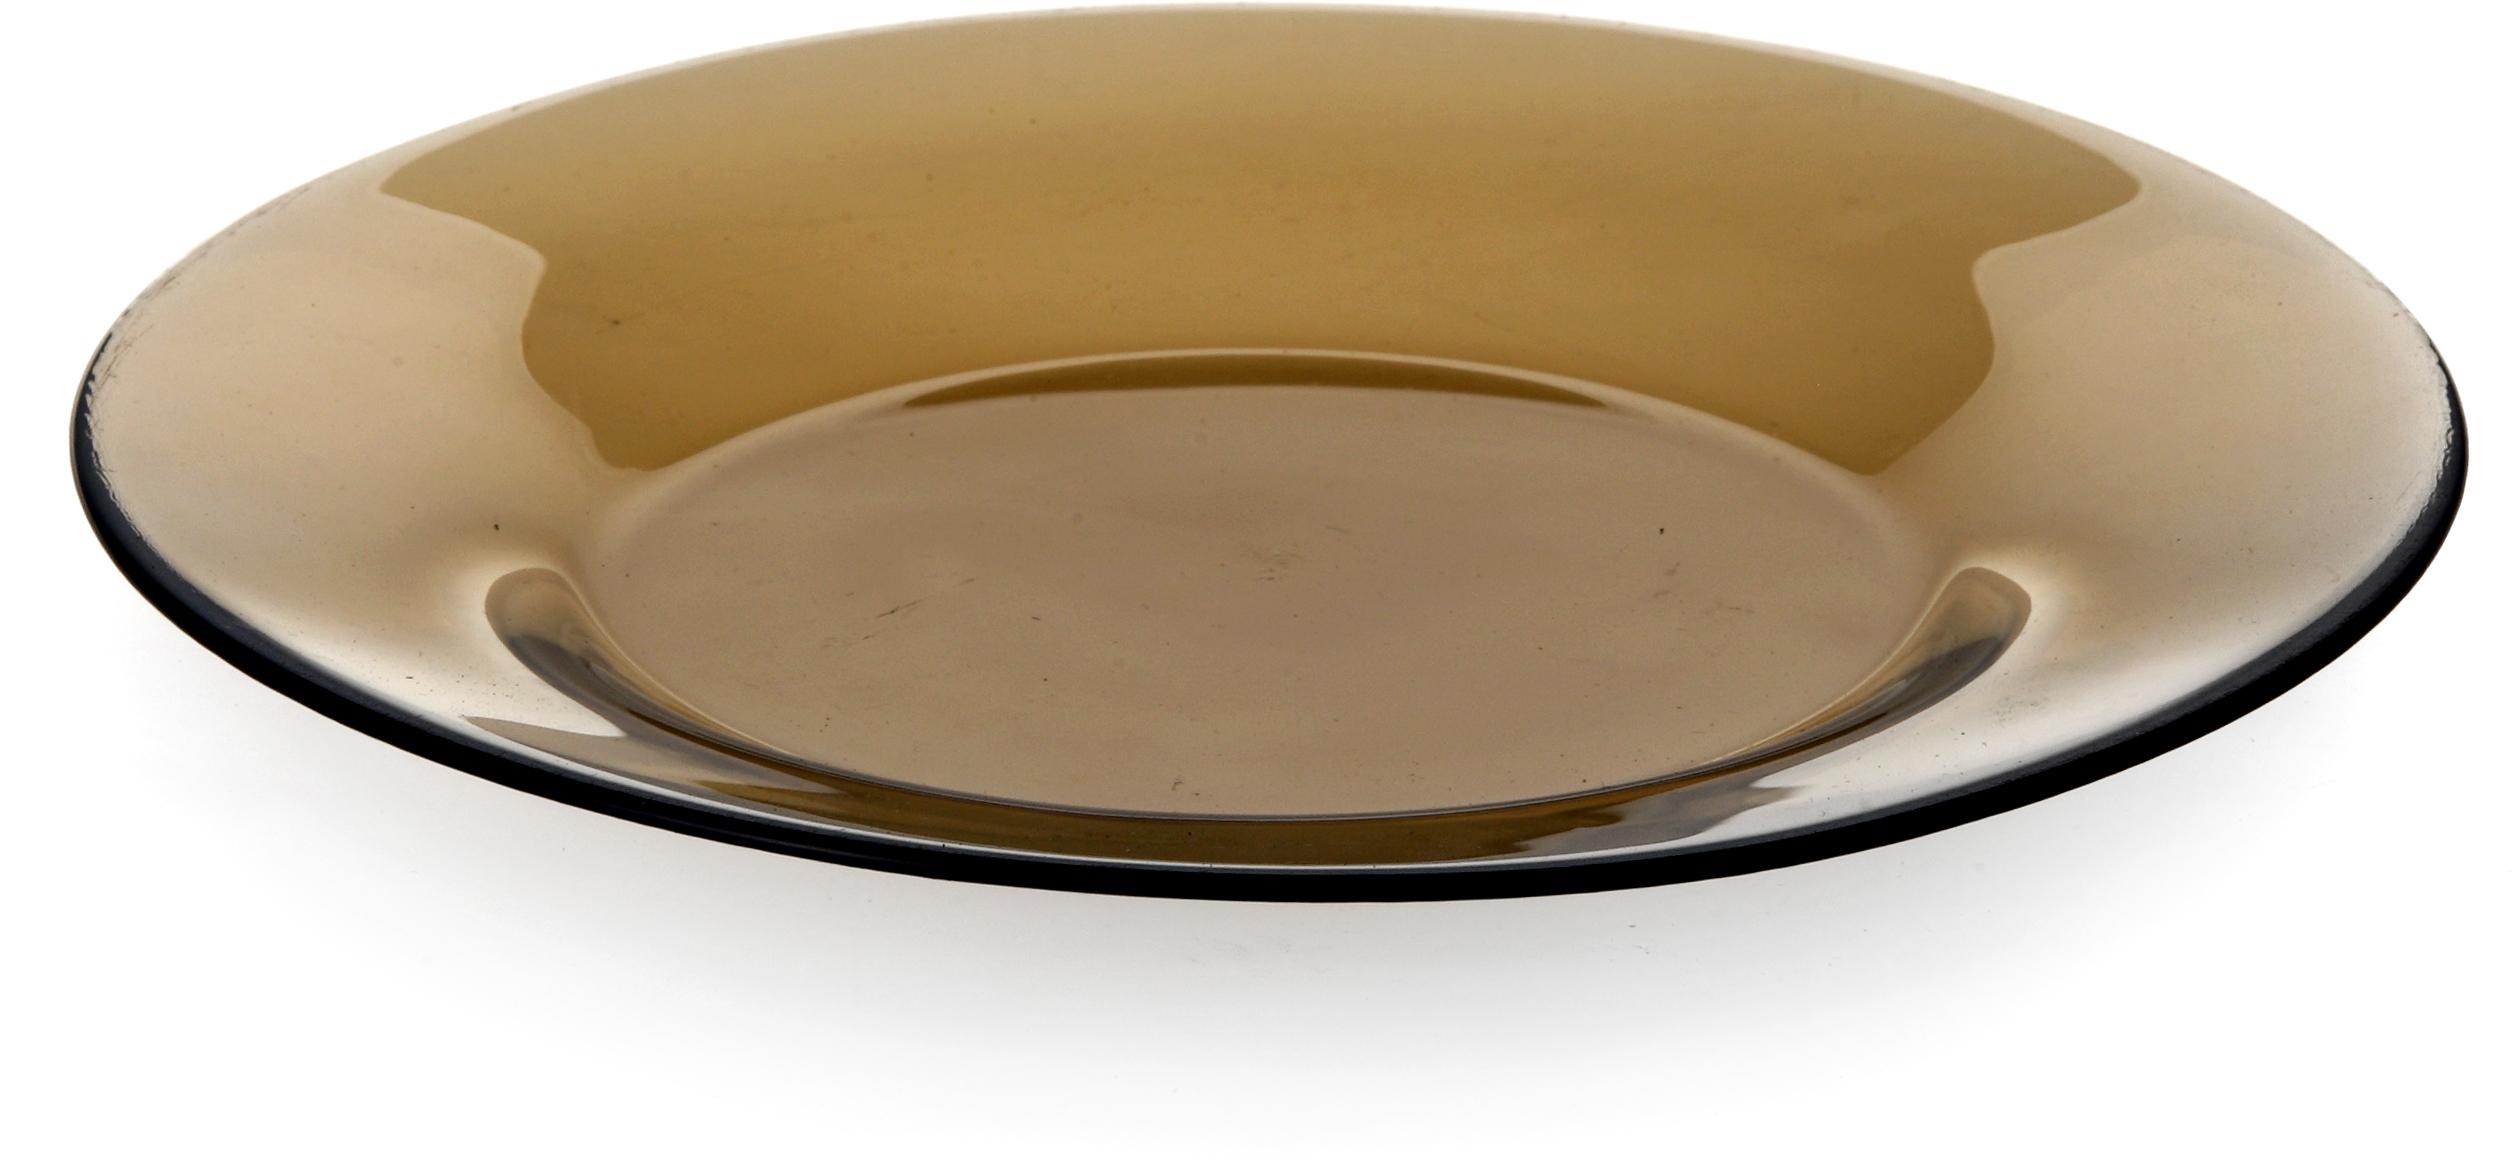 Тарелка Pasabahce Броунз, цвет: коричневый, диаметр 20 см10327SLBZТарелка из закаленного стекла INVITATION d=200 мм (BRONZE) (прозрачное тонированное стекло)